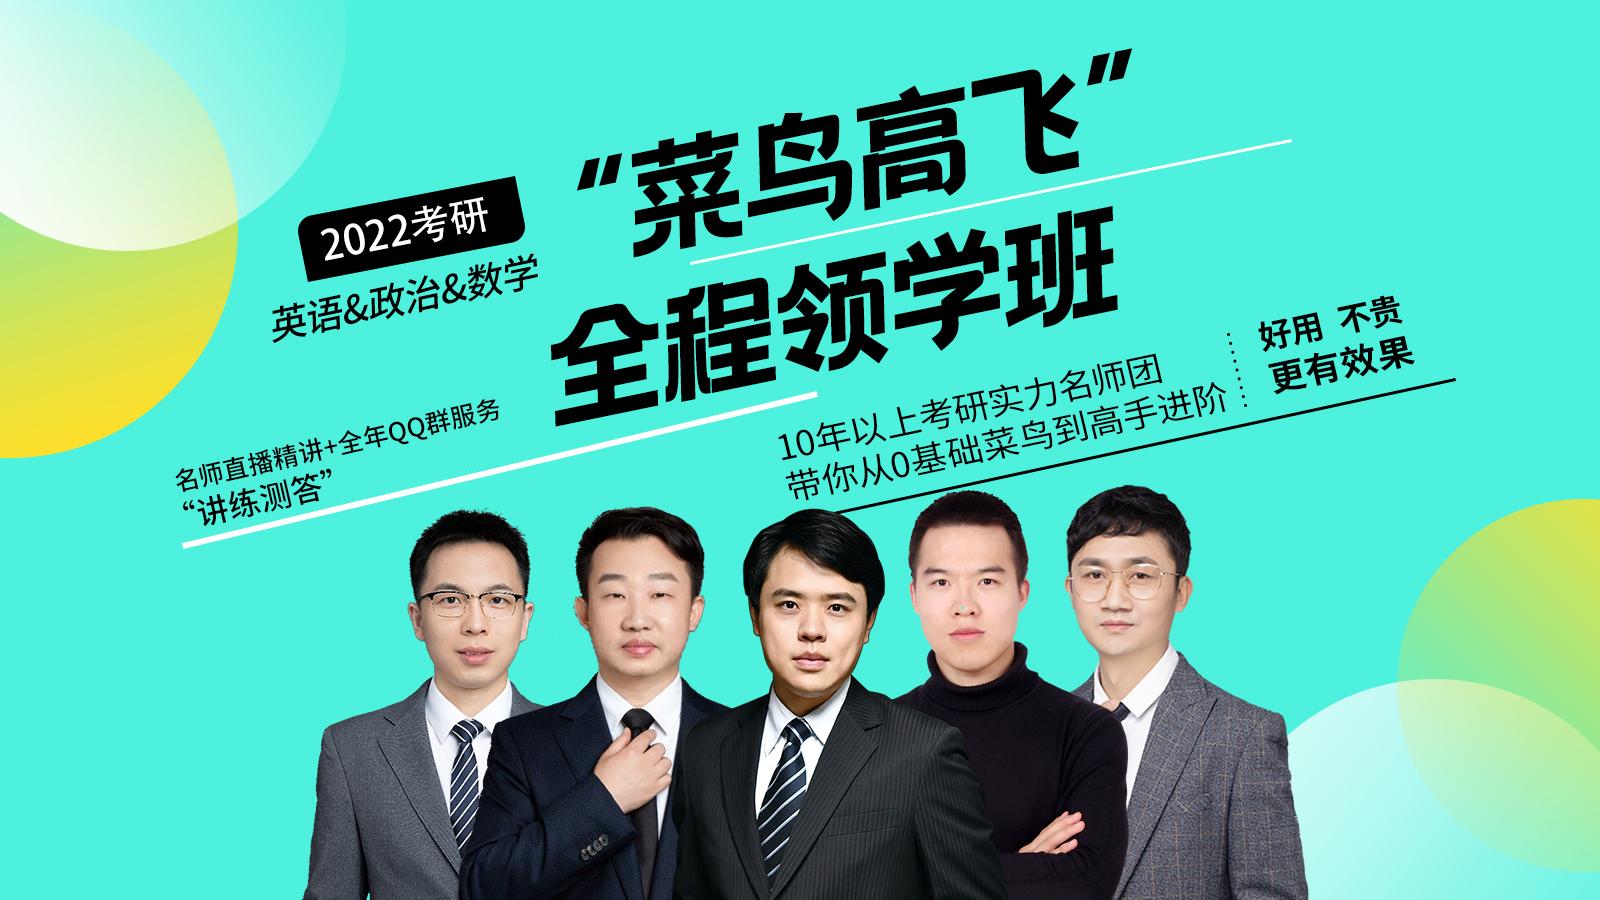 http://www.chaojikaoyan.com/chaojikaoyan/poster/p1.jpg